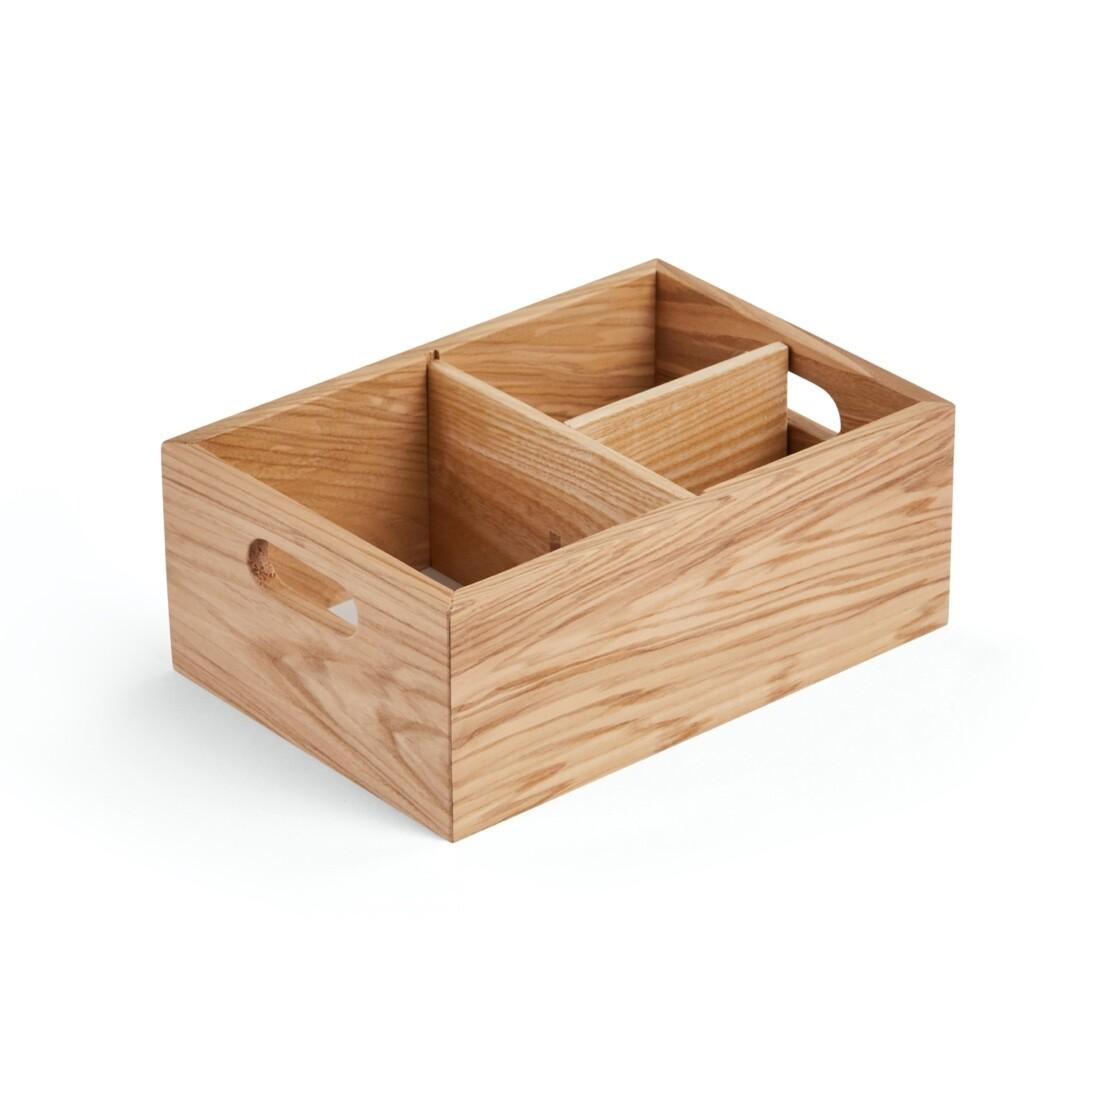 Ящик для хранения со съемными перегородками, 25х17х9 см, натуральный цвет дерева